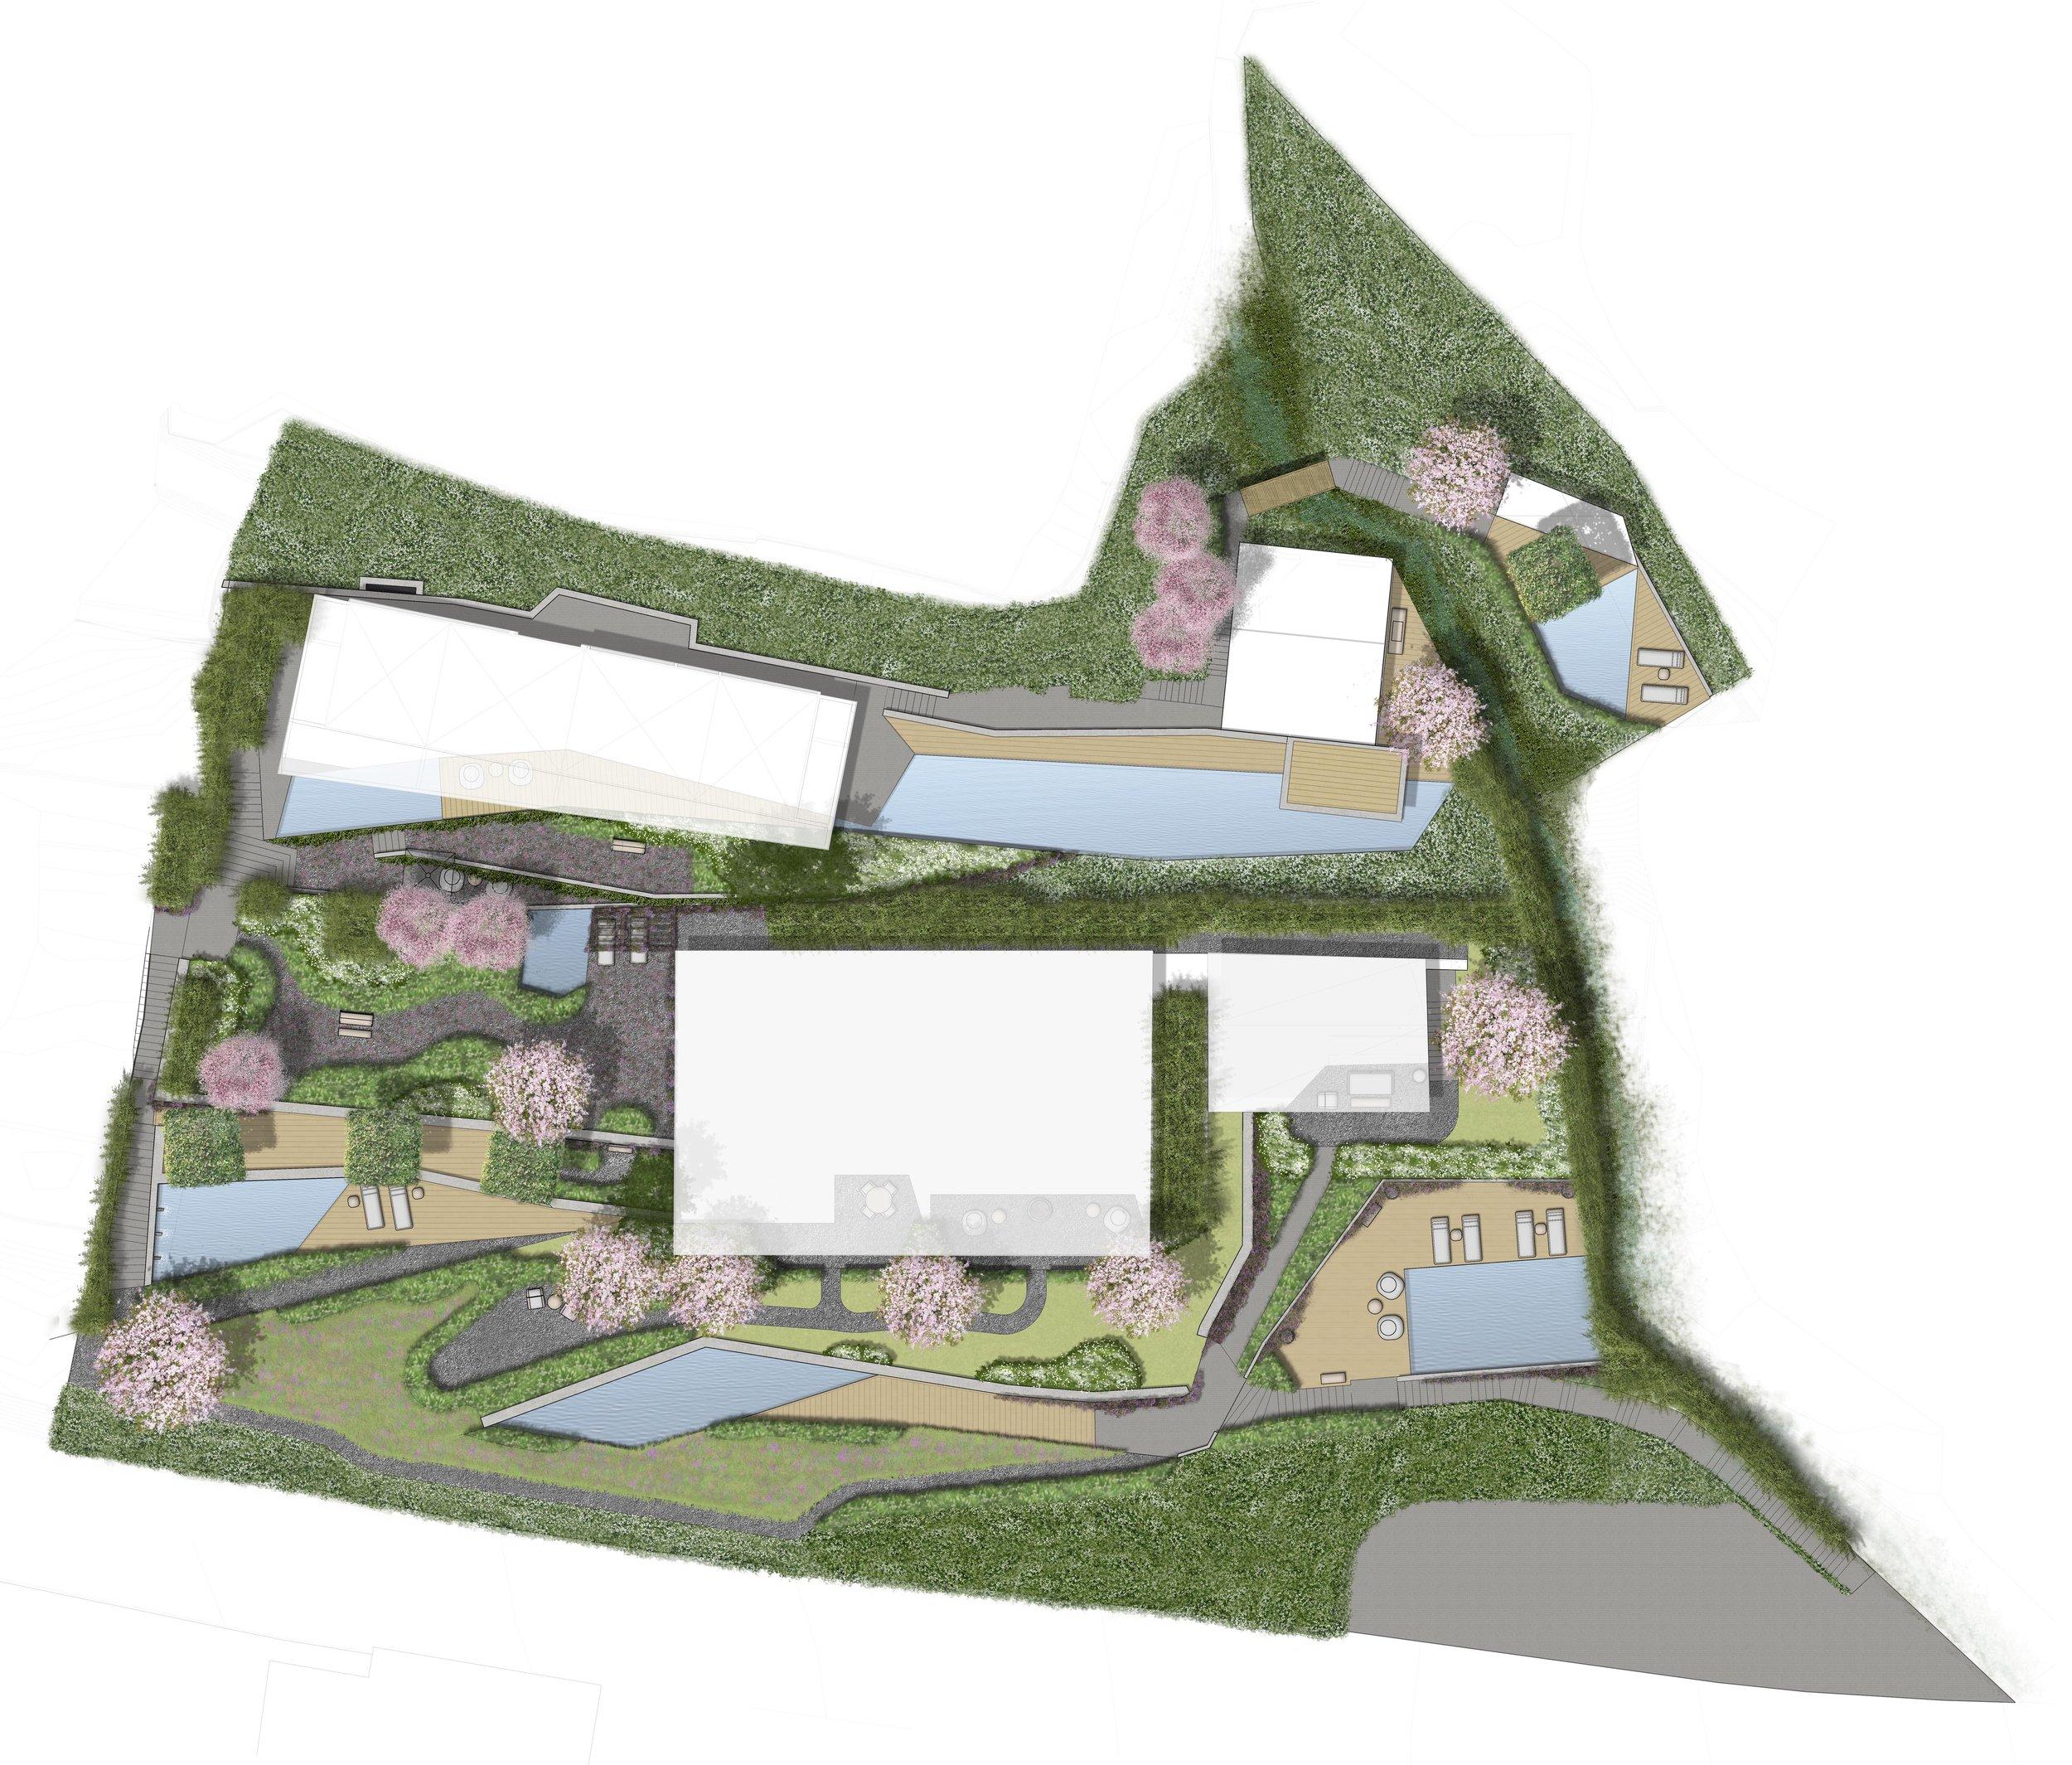 conceptual site plan (drawn by carolina jaimes & lauren clark / enea landscape architecture)